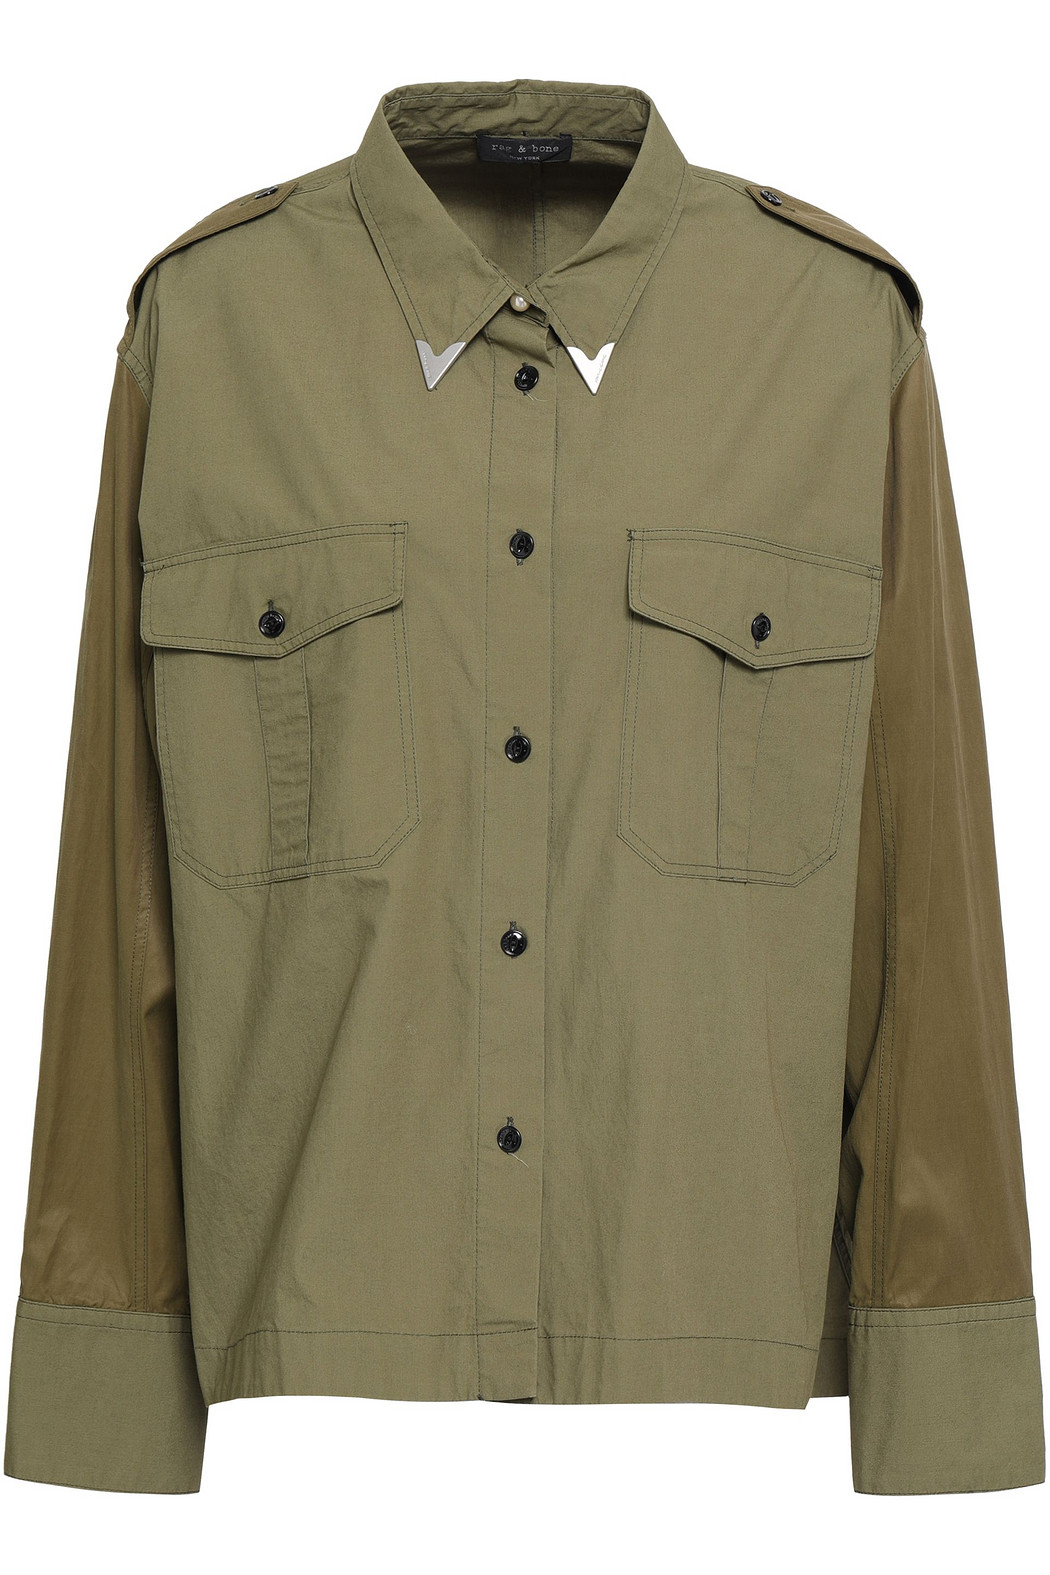 Юу худалдаж авах вэ: Армийн стильтэй хөнгөн куртка (фото 18)